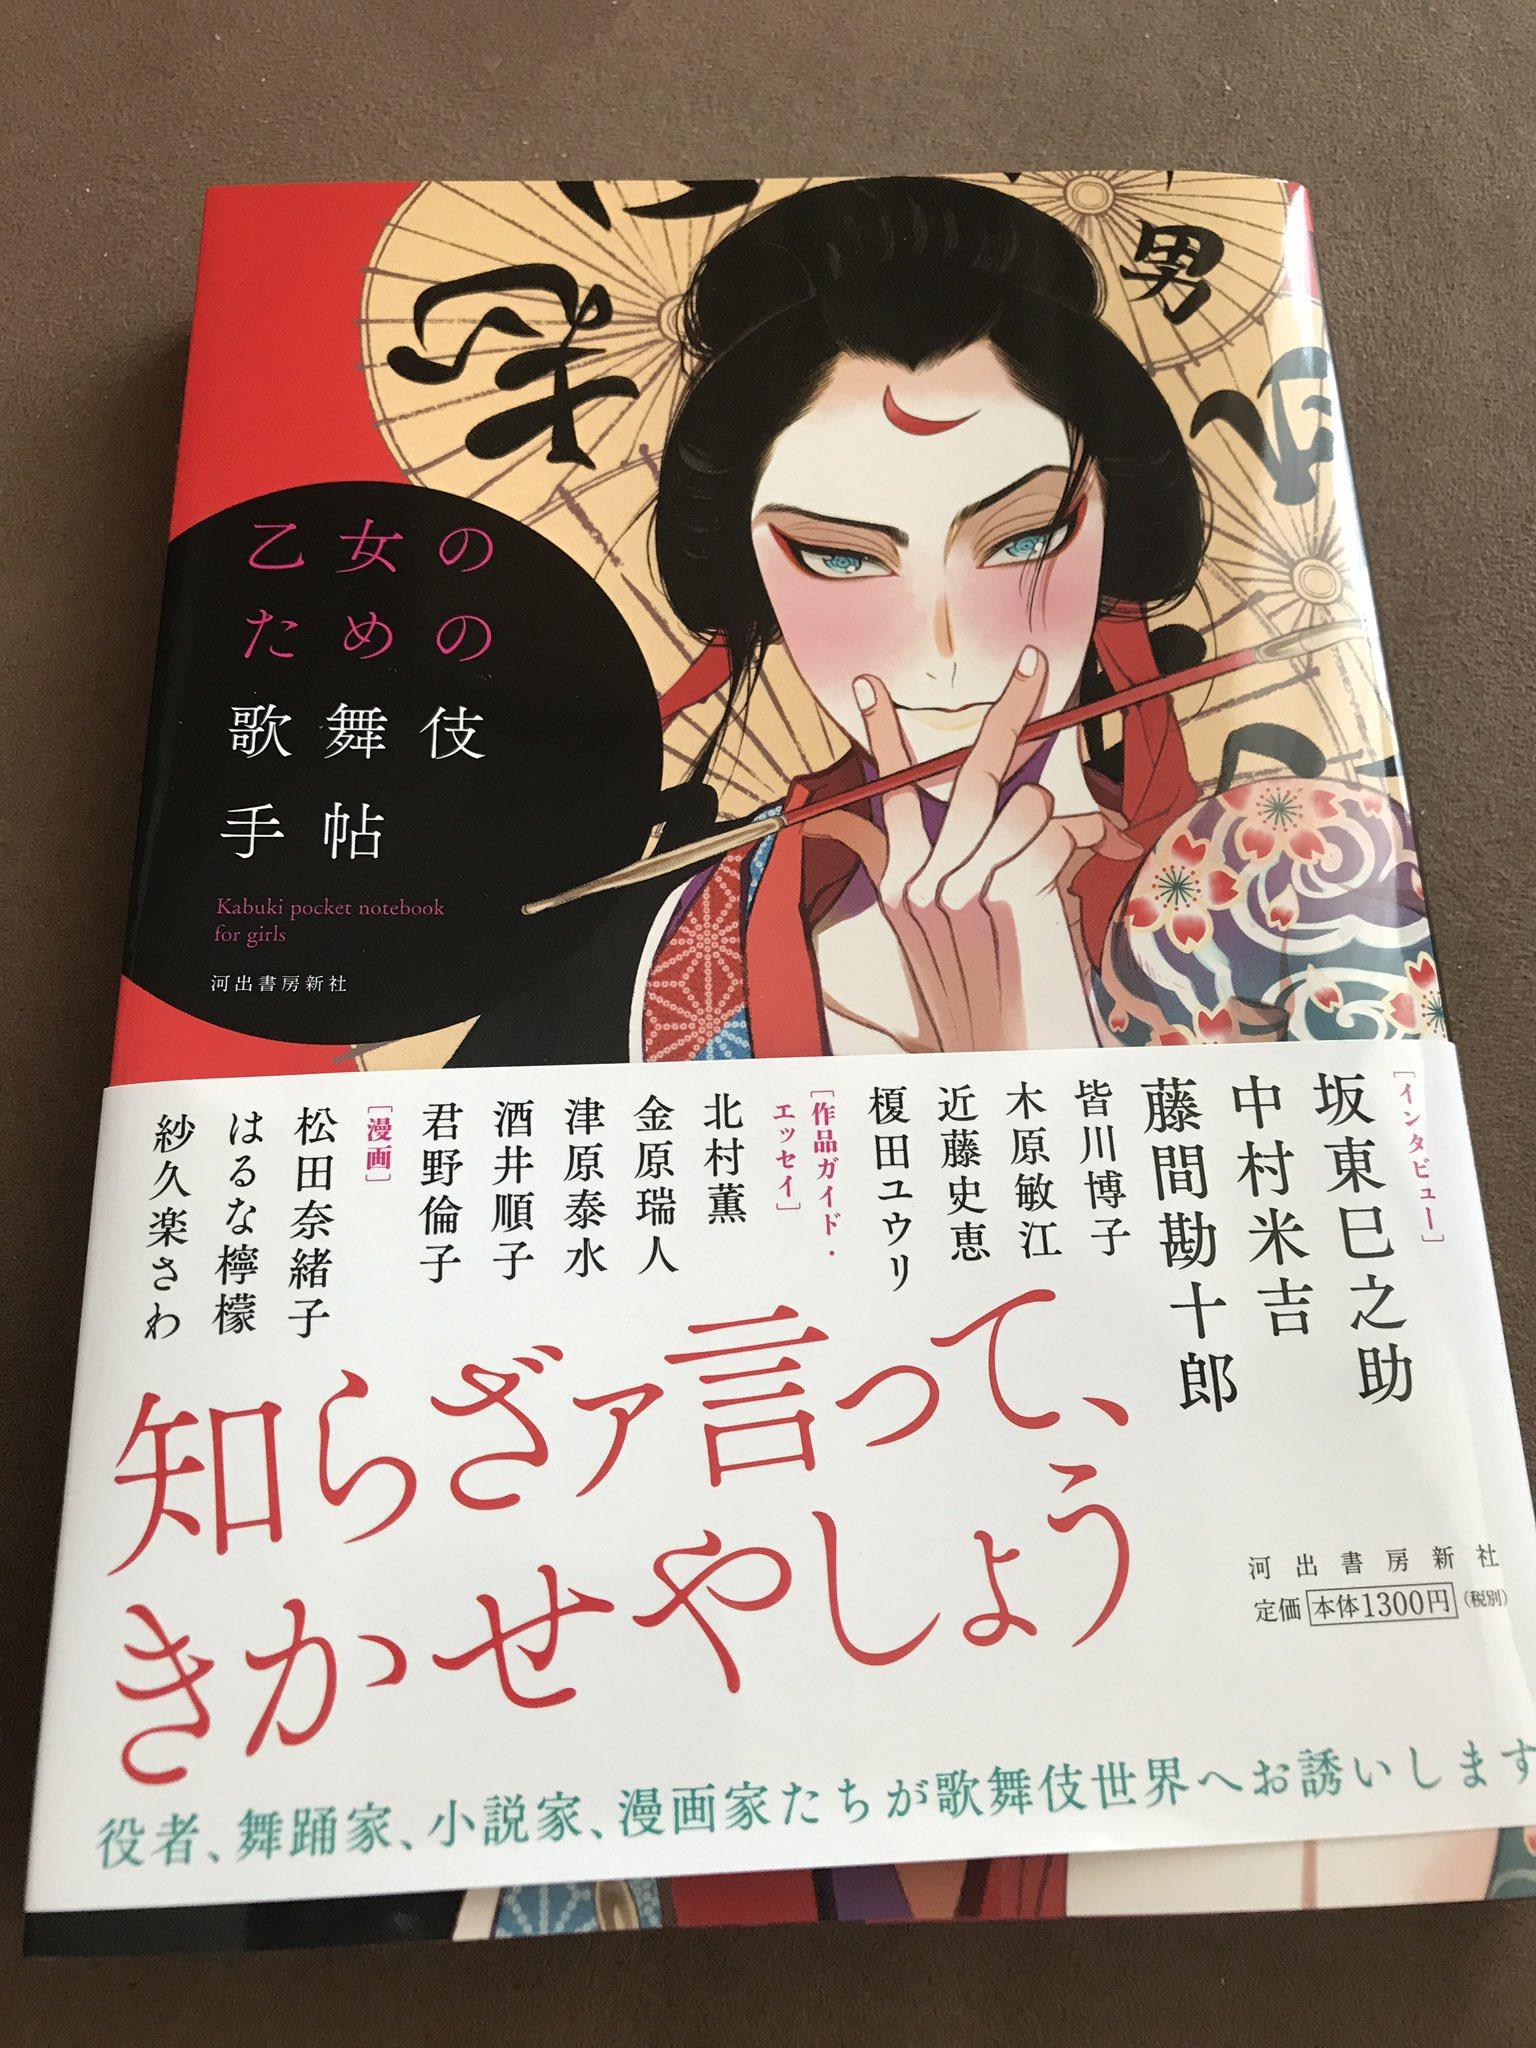 「乙女のための歌舞伎手帖」見本できてきました。配本は27日です。初心者からマニアまで楽しめる一冊になってますよ! https://t.co/Aop74a5rBX